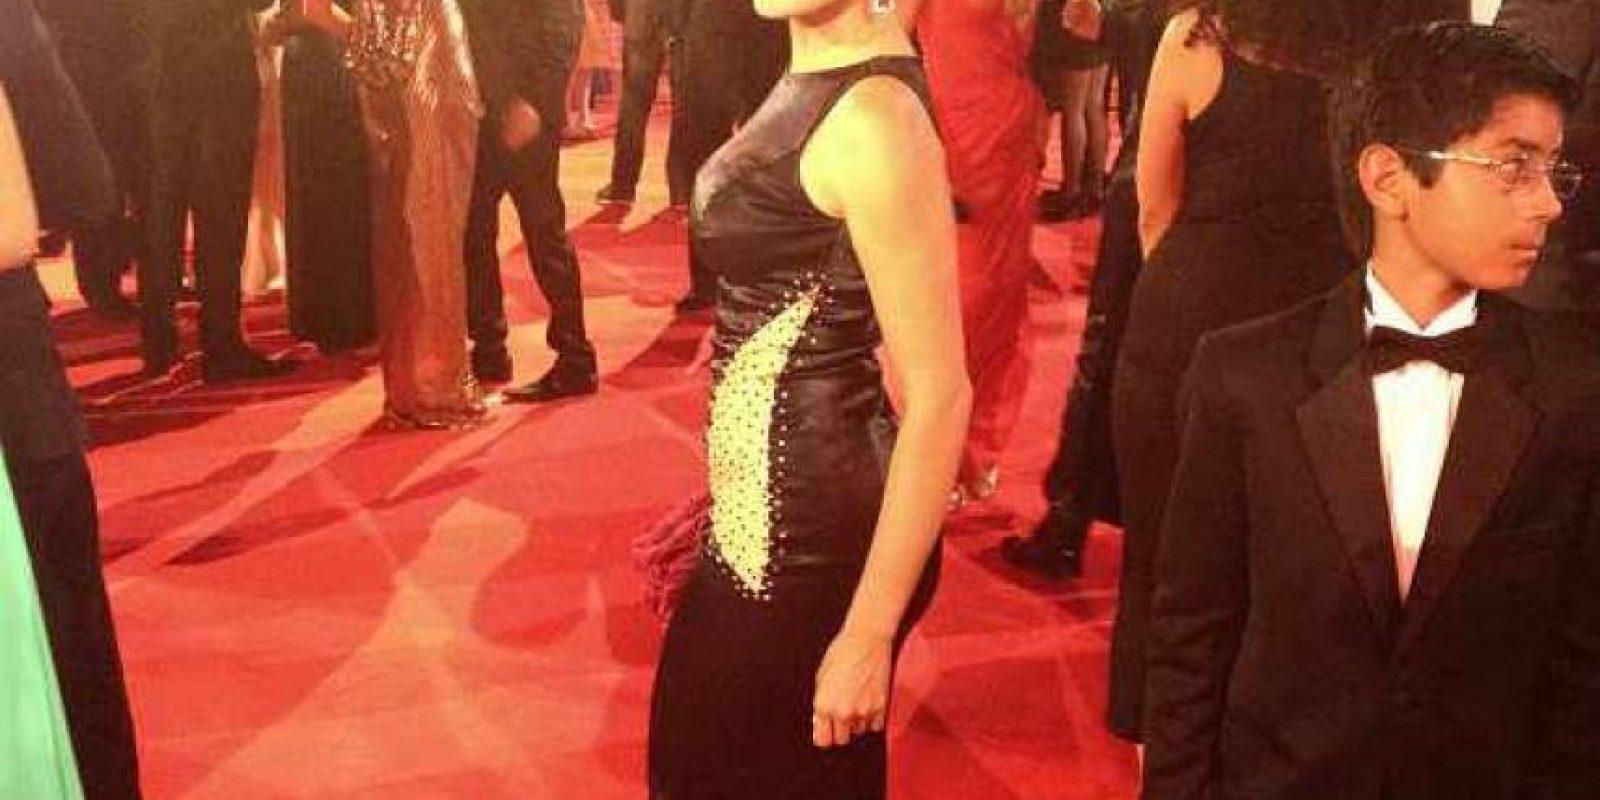 Xilena Aycardi pudo haber sido una de las mejor vestidas si hubiese combinado la tendencia predominante (dorado con negro), de otra forma, ya que este contraste de tela con la otra no le da sutilidad al vestido. Foto:E! Online Latino/Instagram